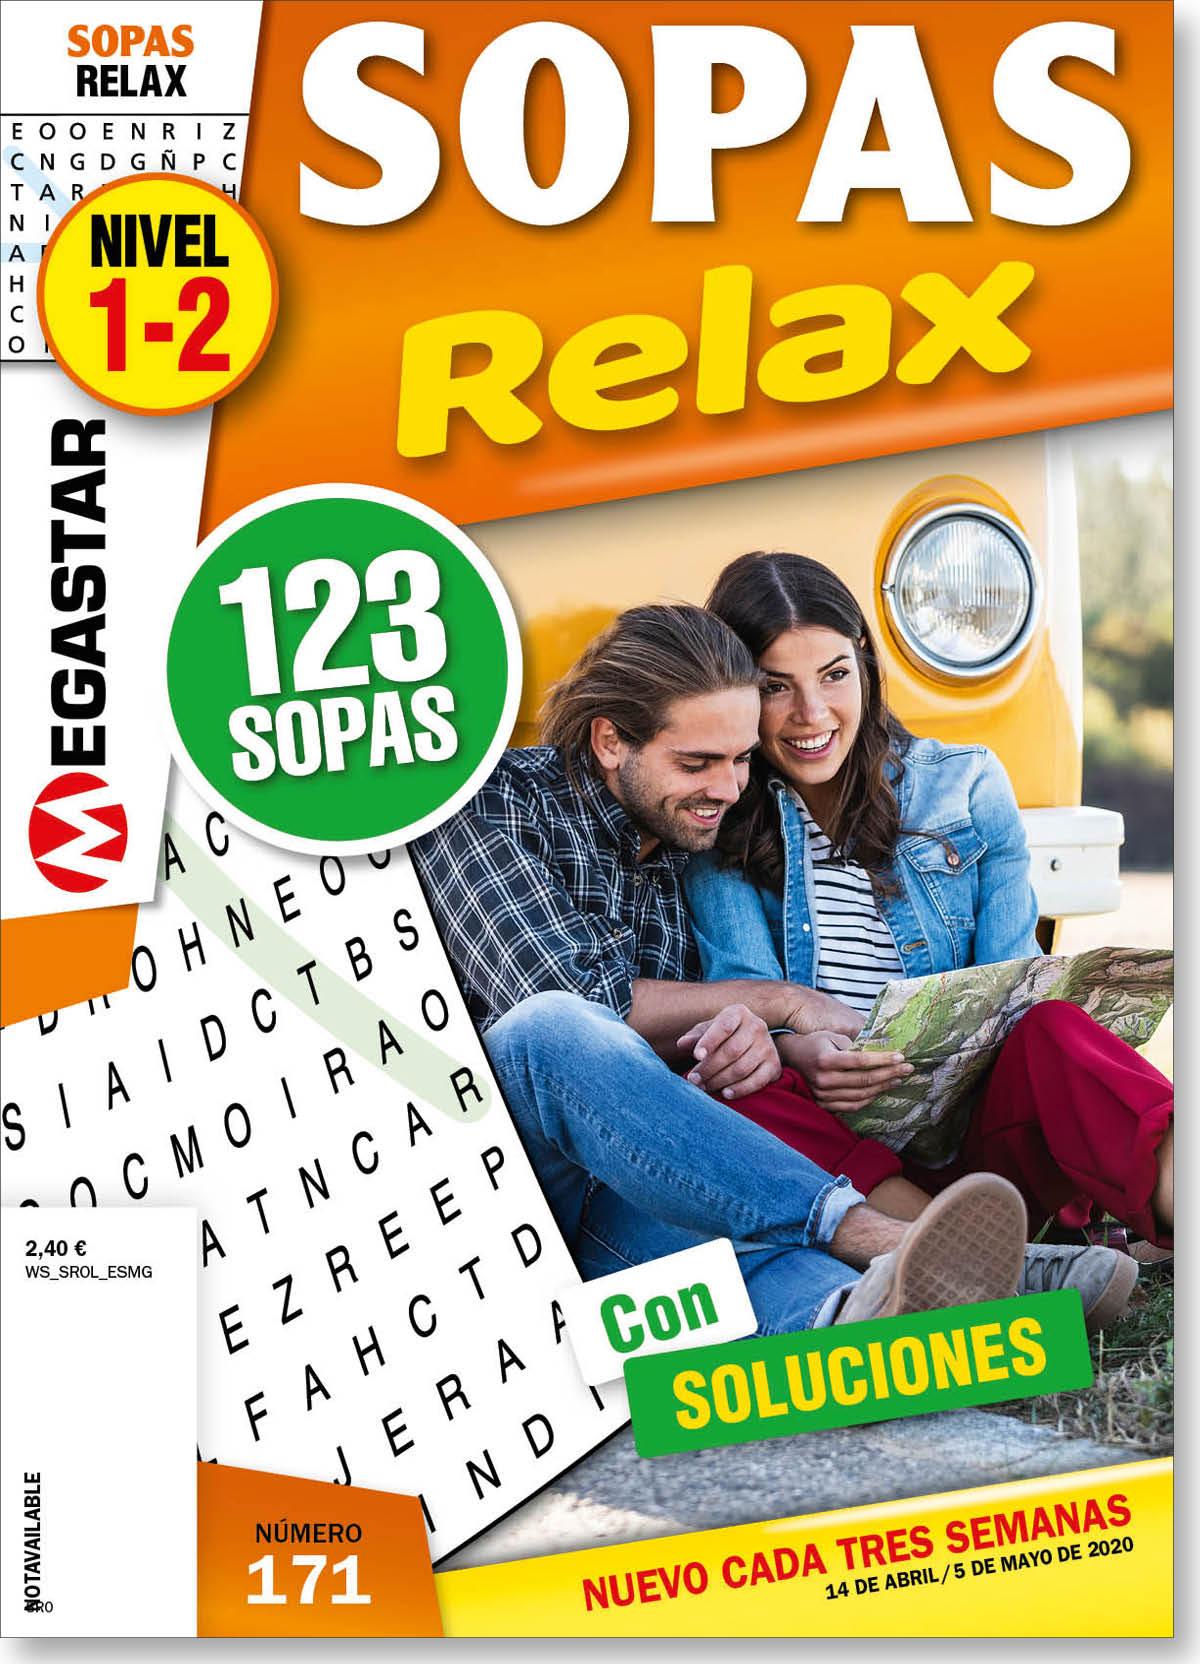 Sopas Relax 1-2